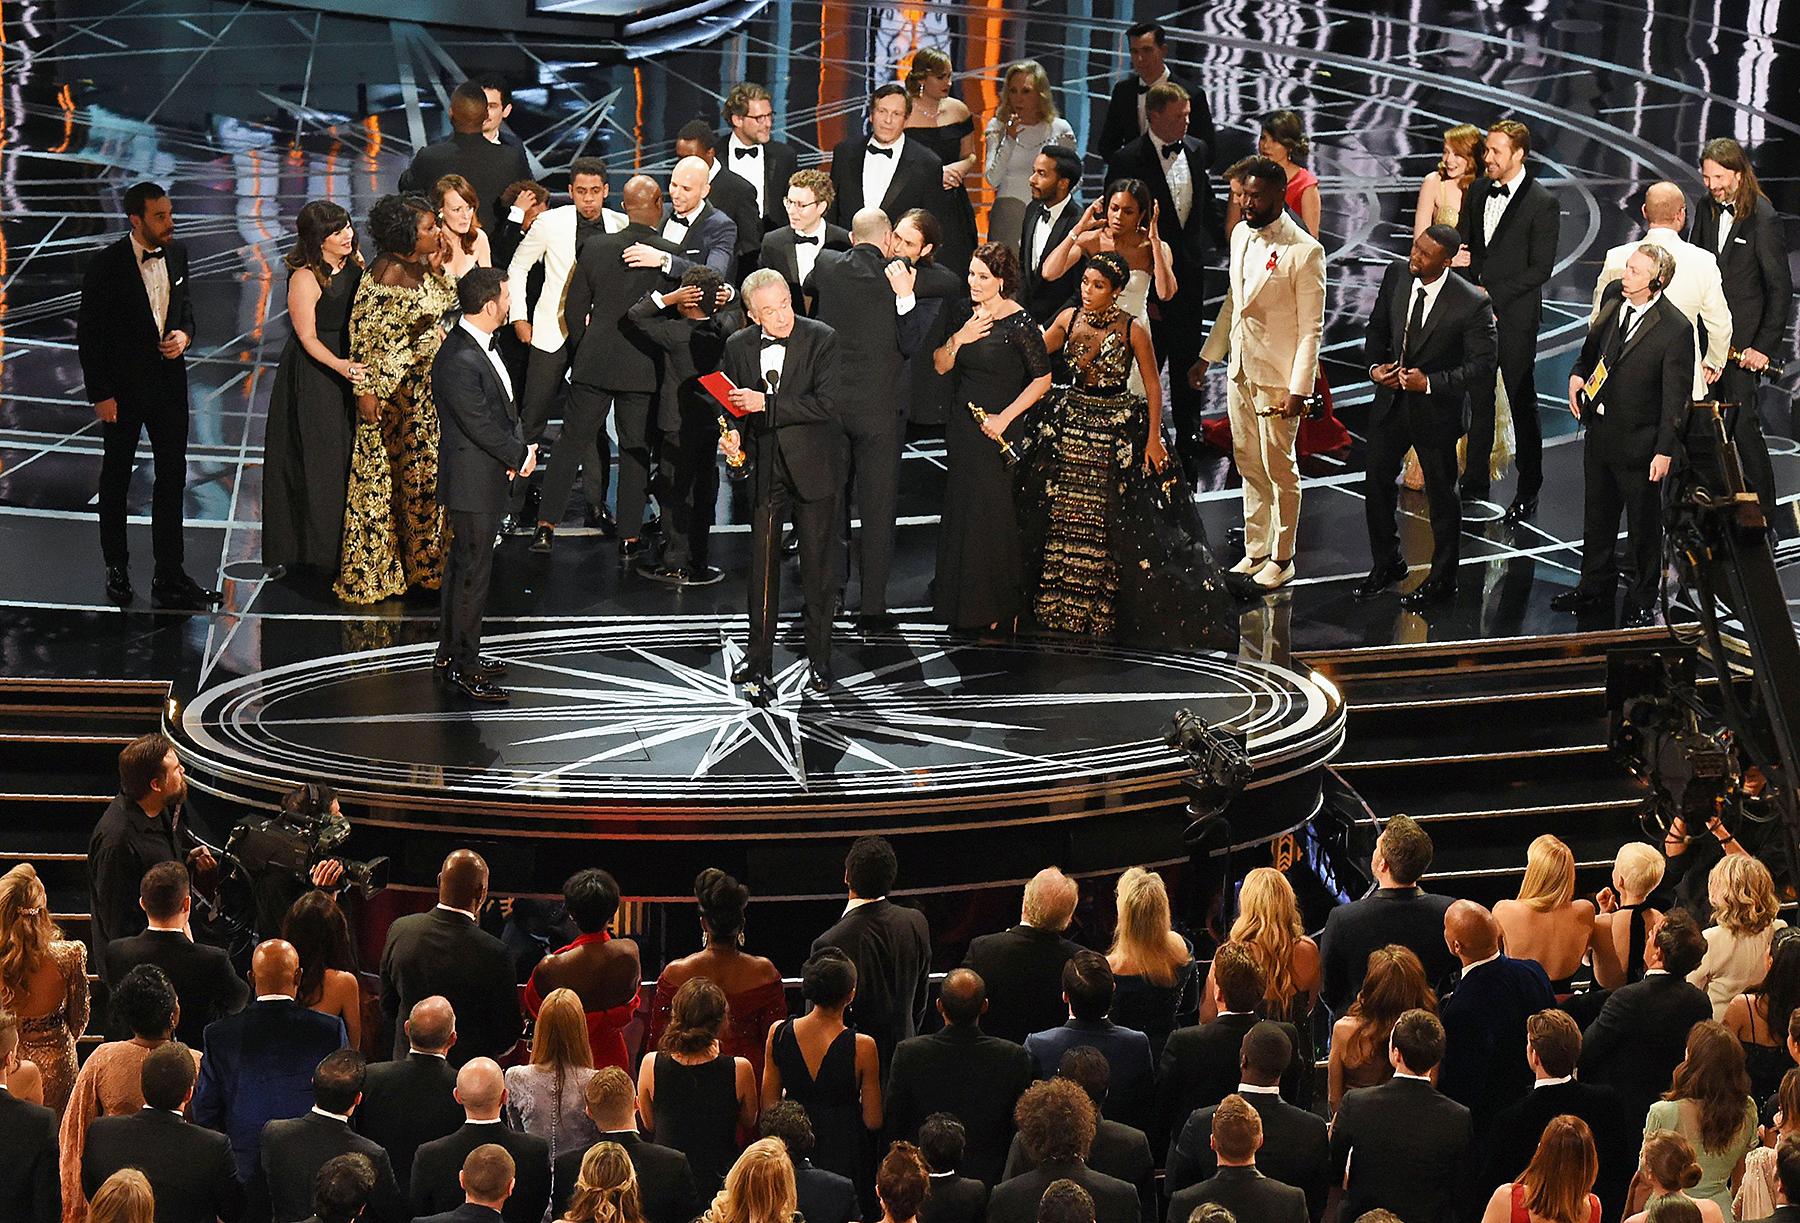 La La Land Moonlight Best Picture Oscars 2017 Warren Beatty